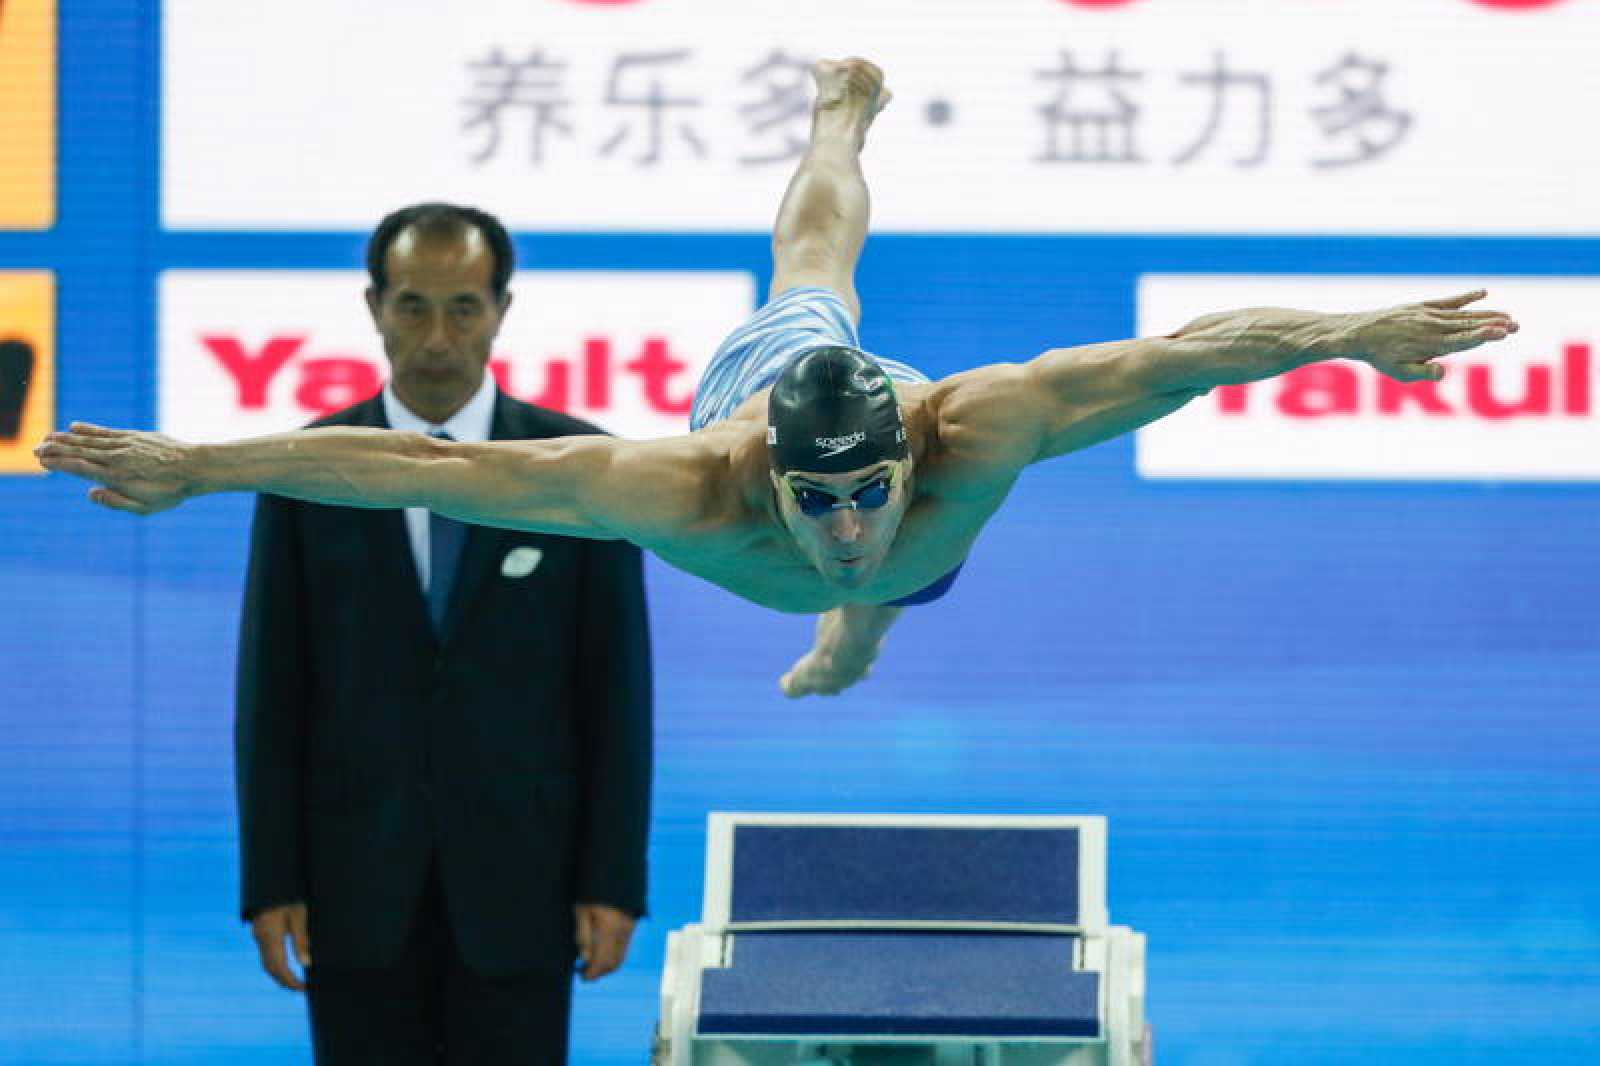 Nicholas Santos se lanza a la piscina